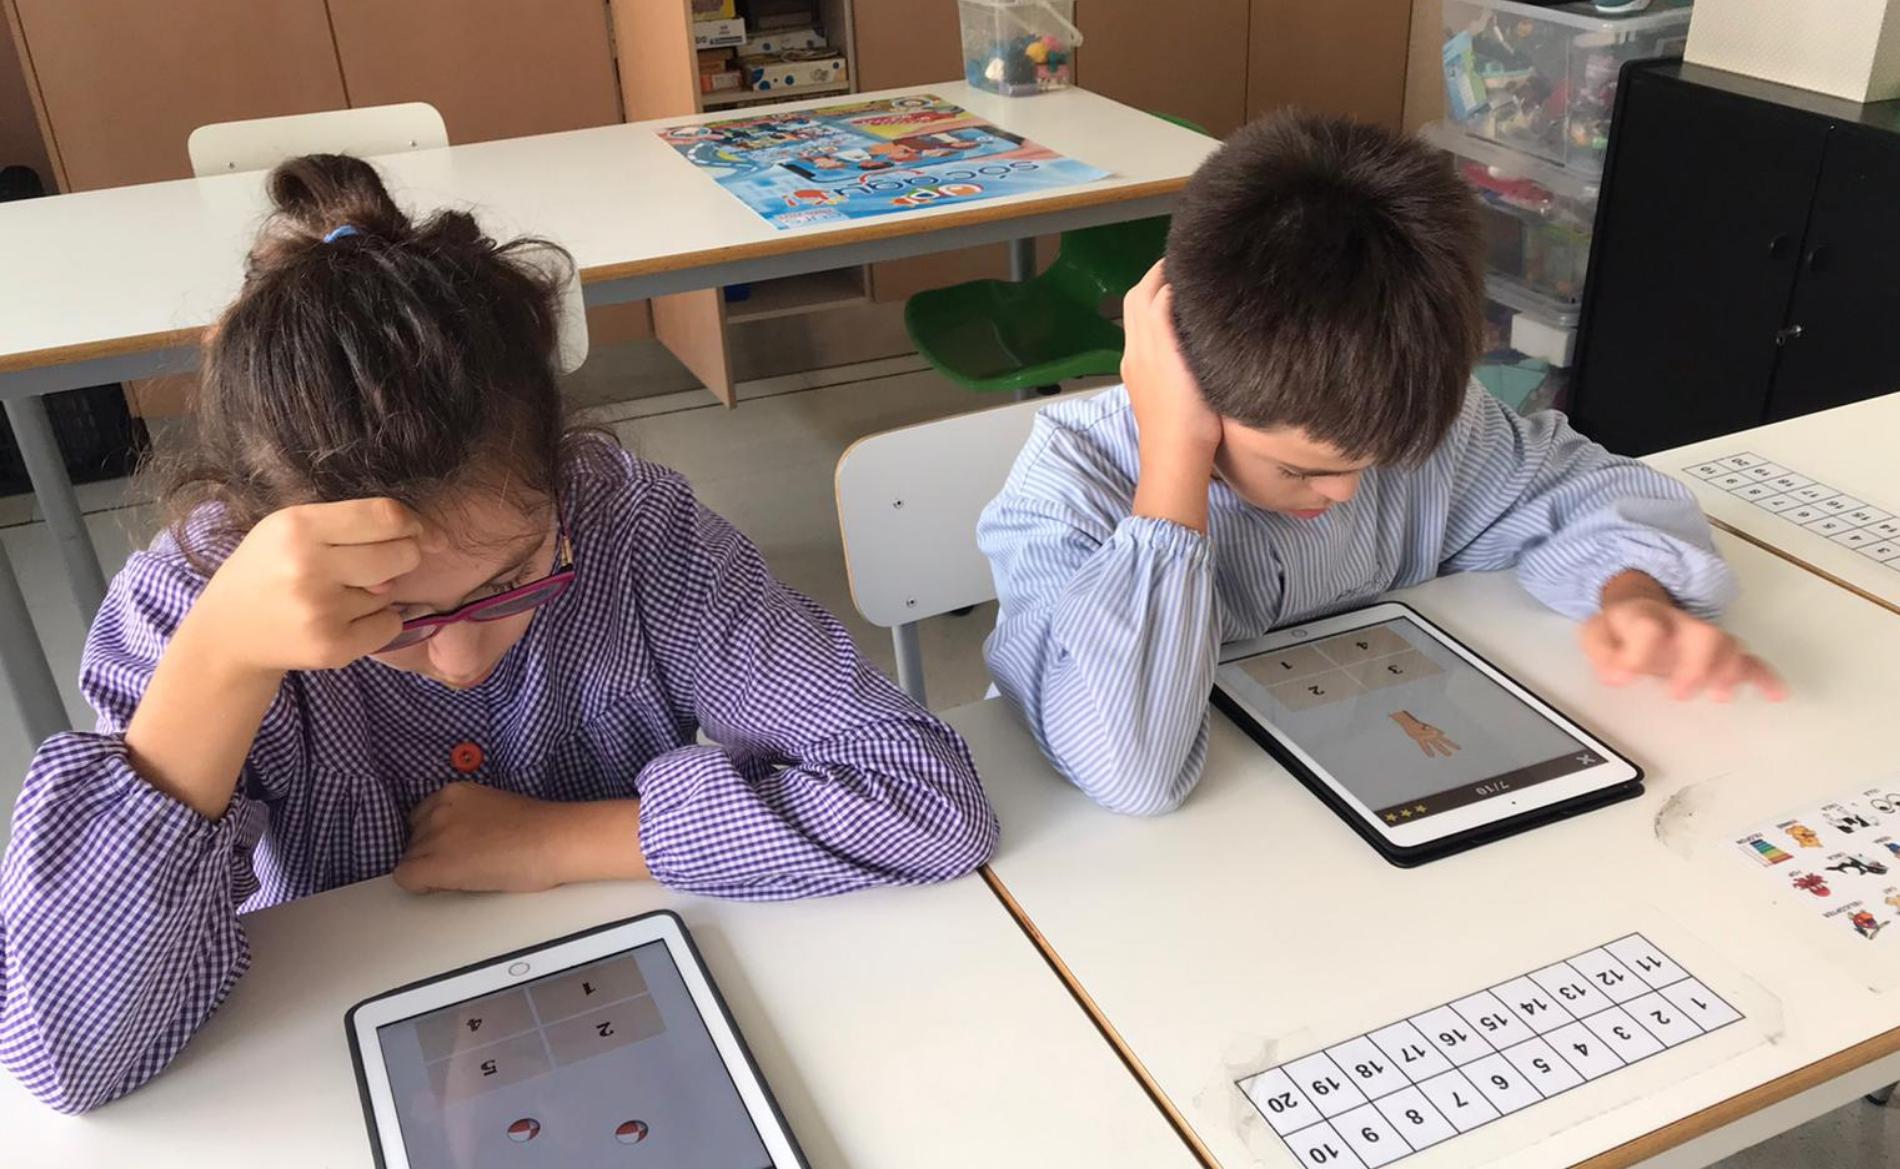 Escola nens discapacitat intel·lectual Barcelona